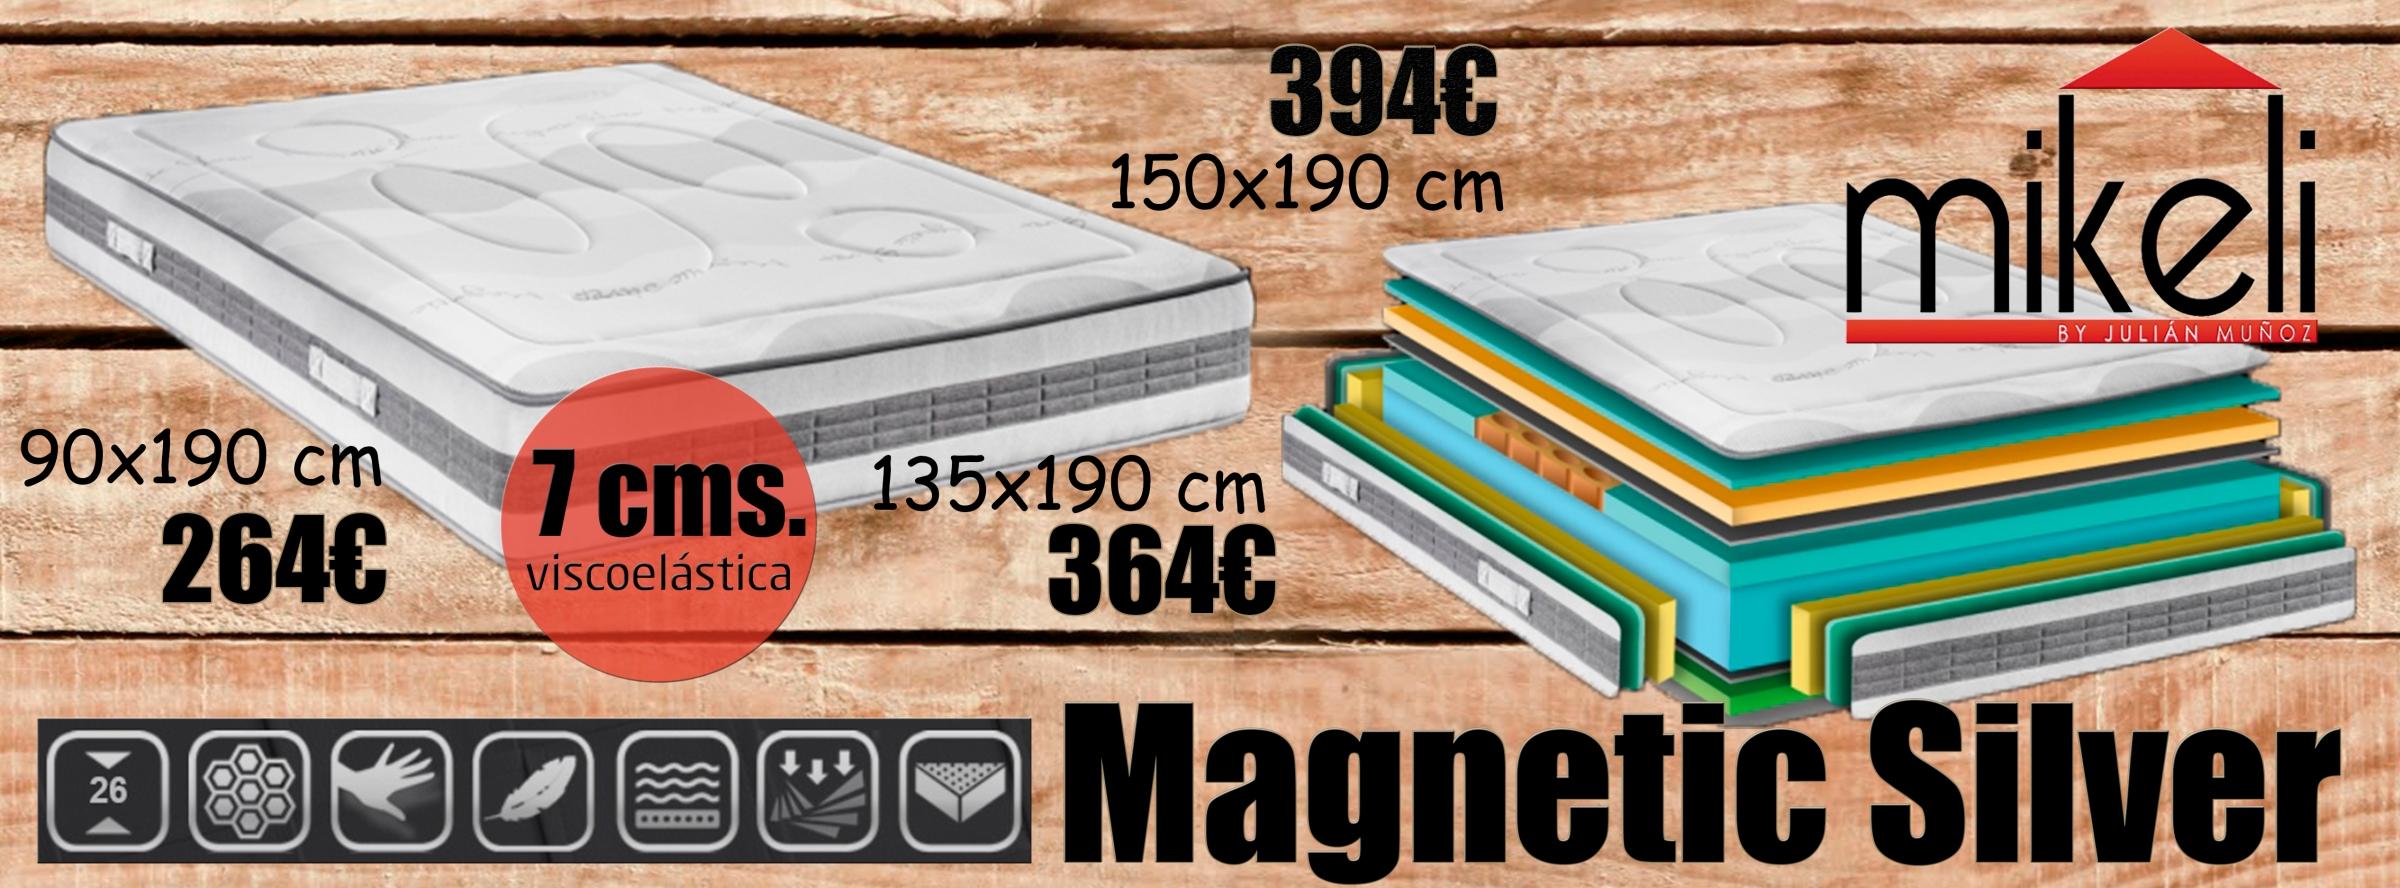 magnetic-silver-slide2